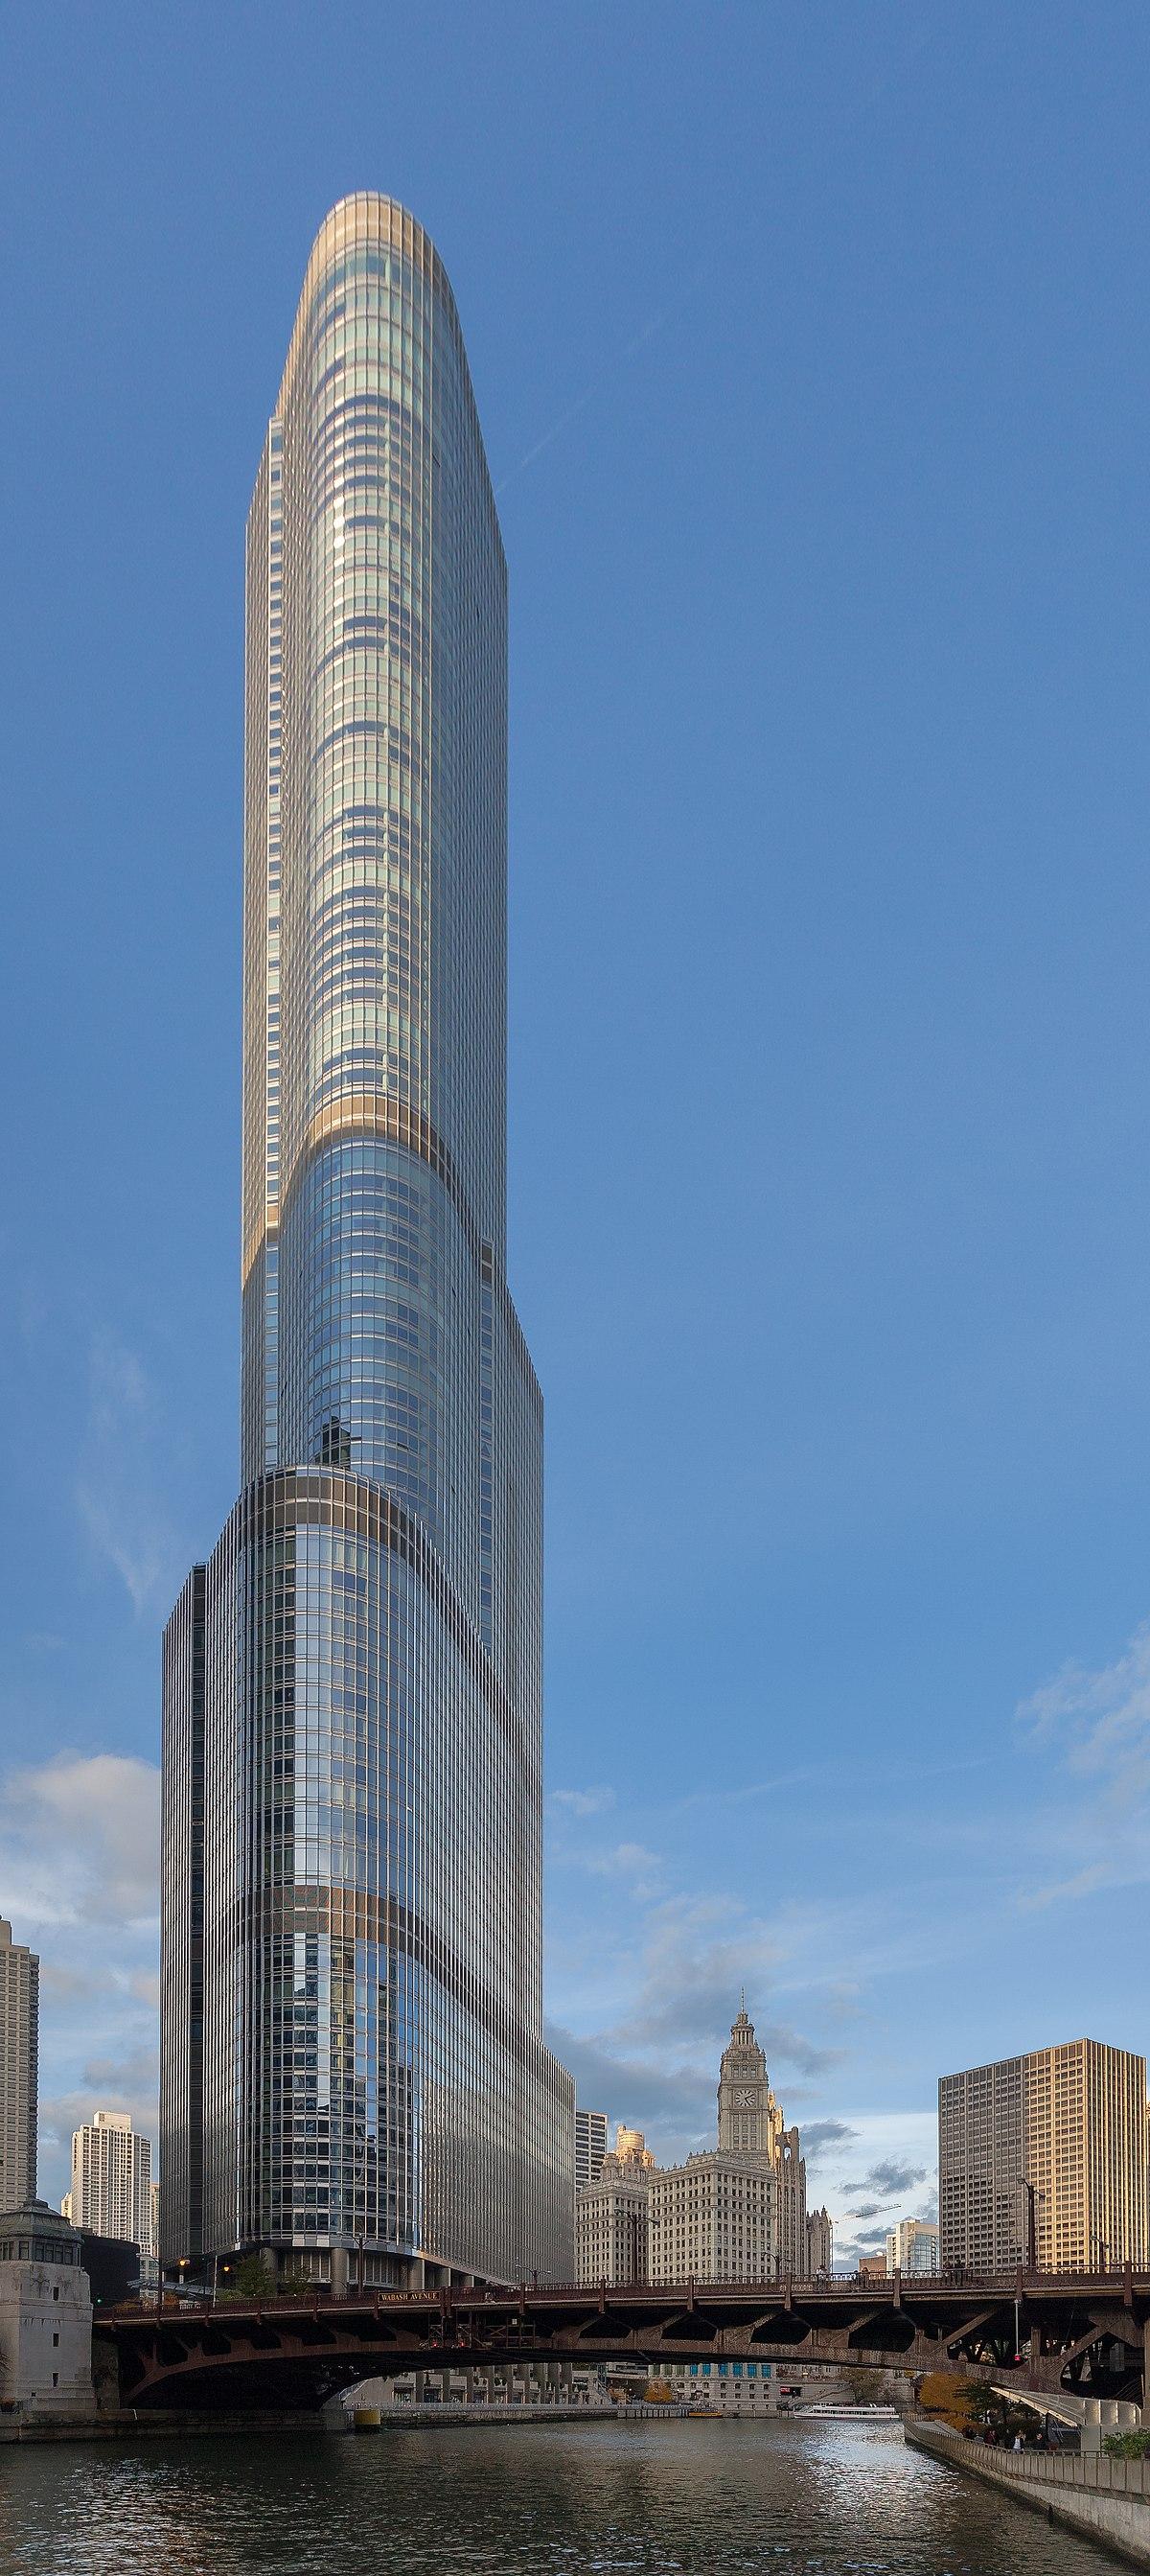 川普國際酒店大廈 (芝加哥) - 維基百科,自由的百科全書